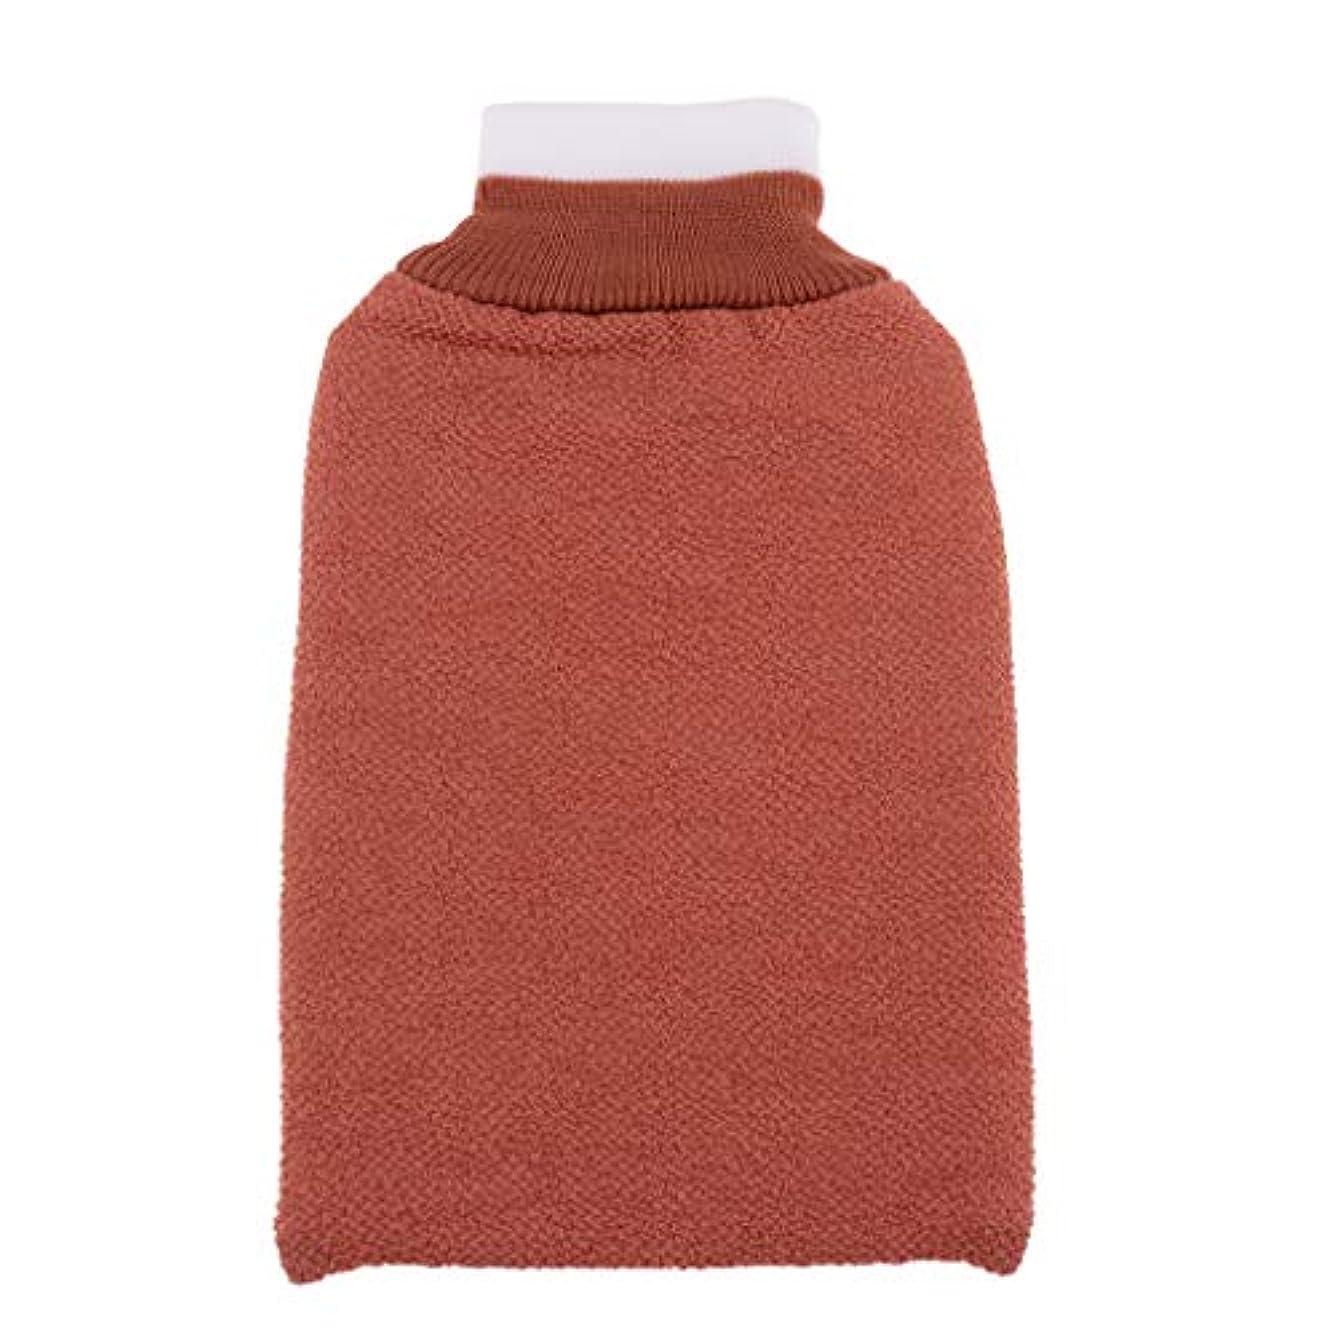 FLAMEER お風呂タオル手袋 浴用手袋 垢すりグローブ 角質除去 毛穴清潔 バス用品 男女兼用 再利用可 全3色 - シャンパン